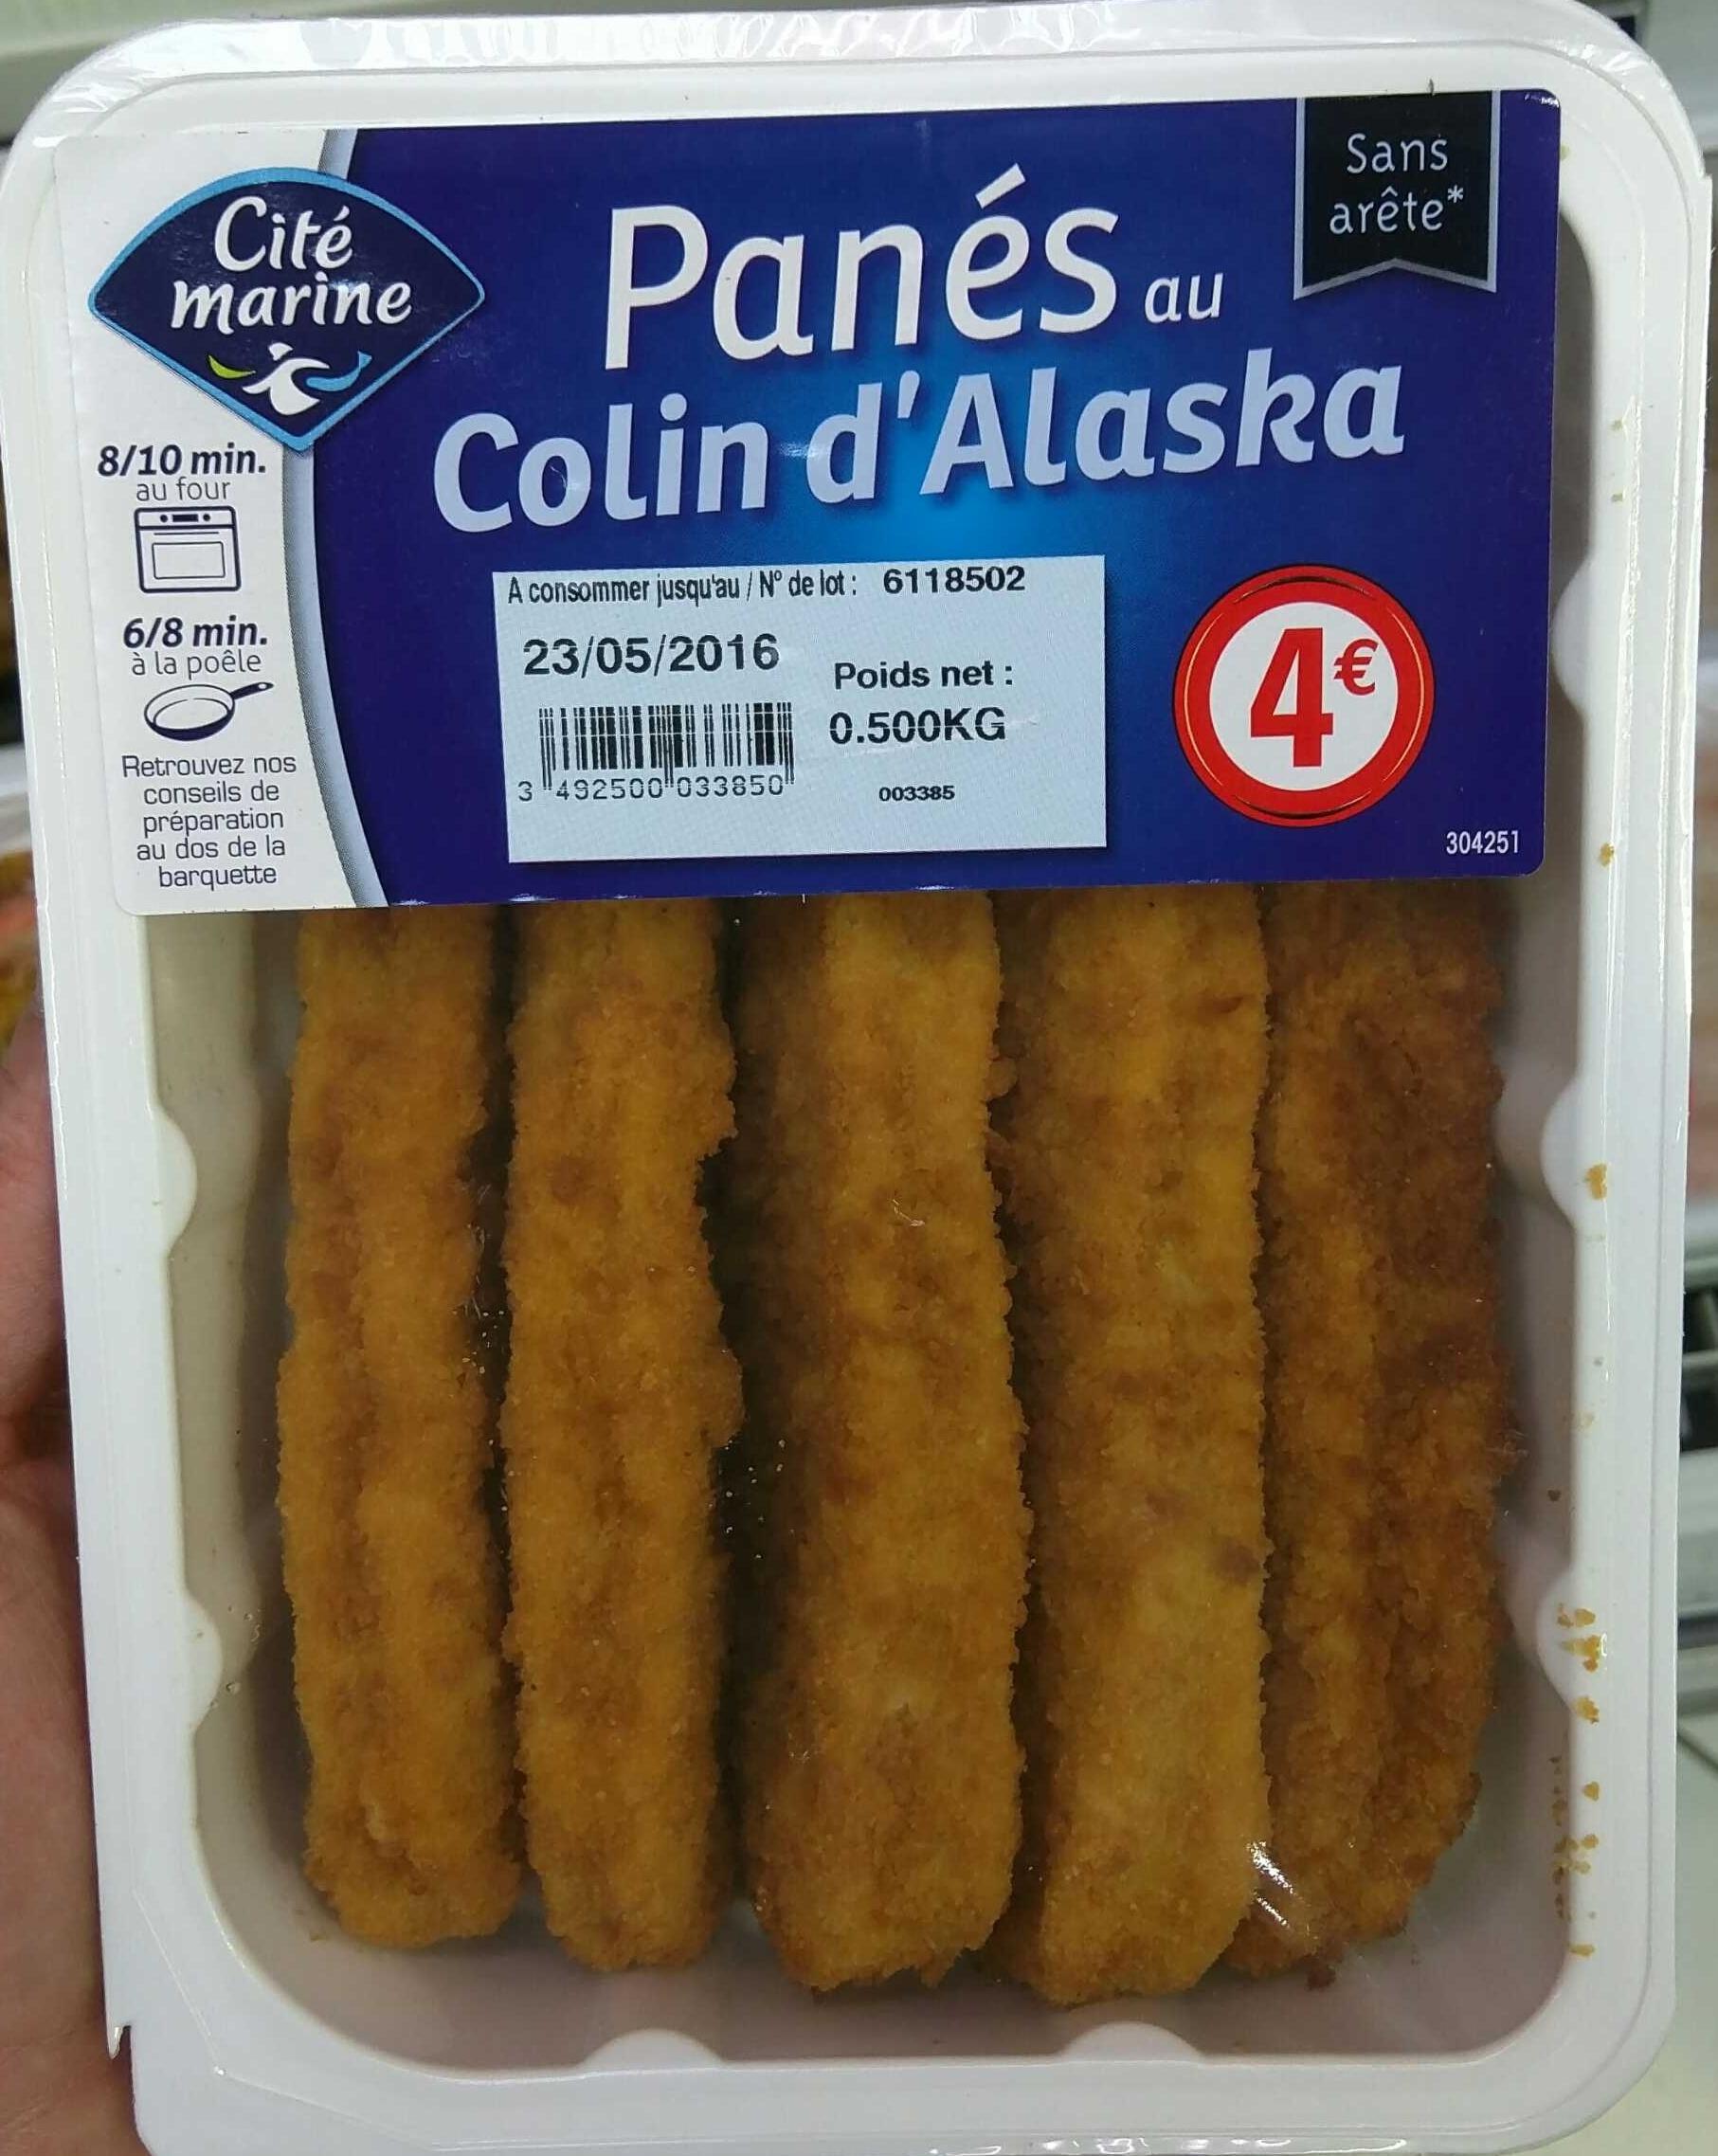 Panés au Colin d'Alaska - Product - fr